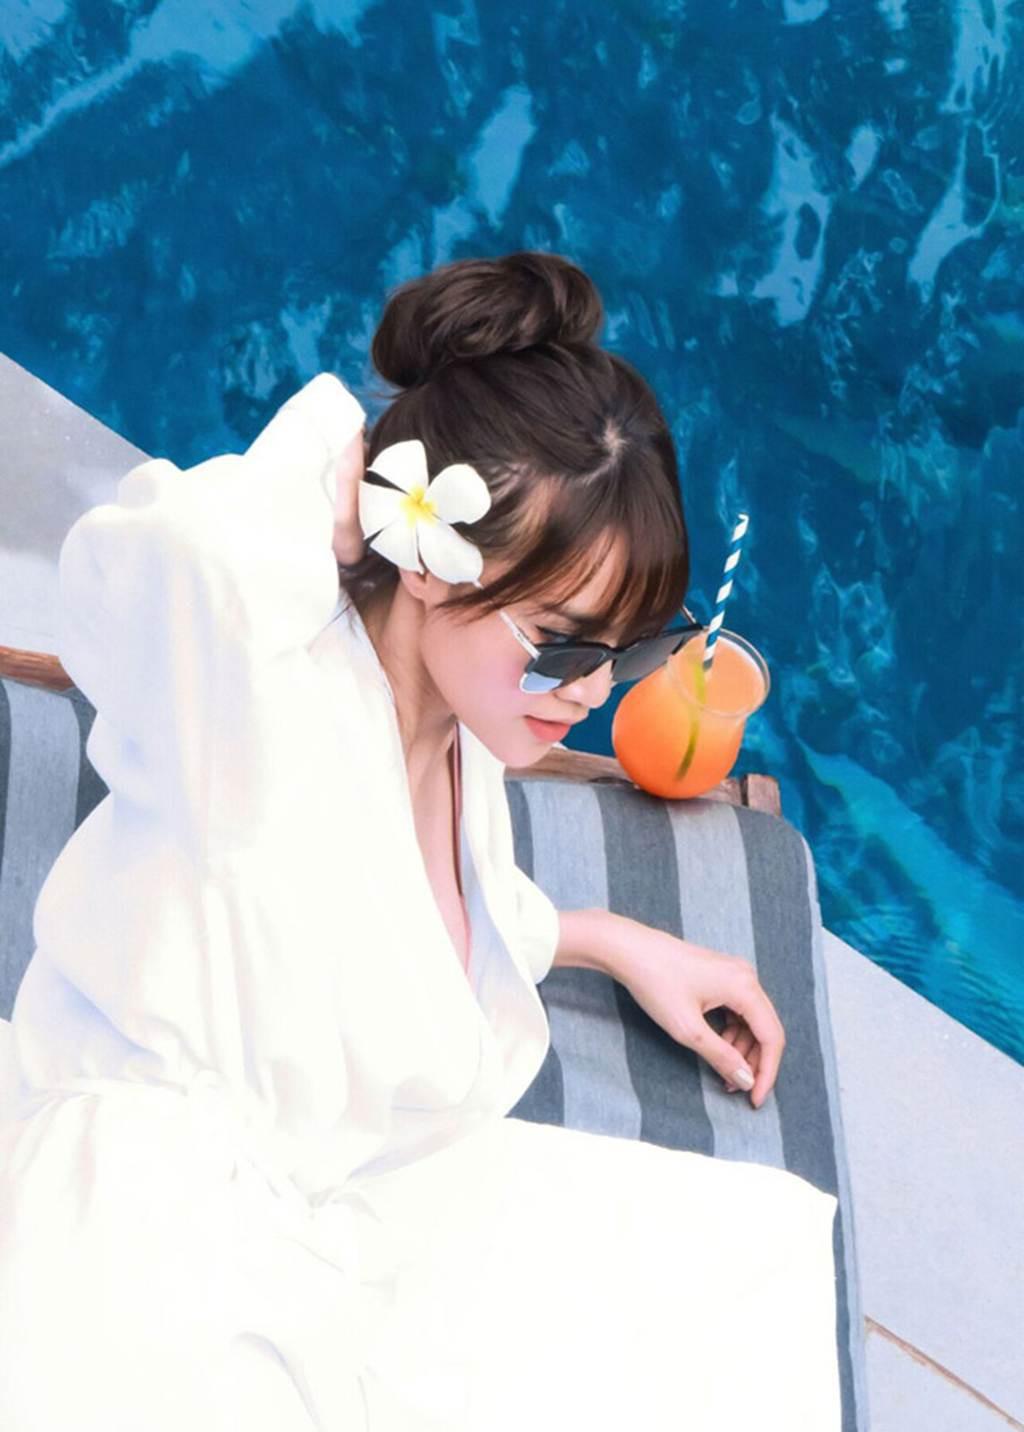 Khoe ảnh bikini nóng bỏng, Ninh Dương Lan Ngọc chính thức gia nhập hội mỹ nhân khoe dáng mùa hè - Ảnh 2.